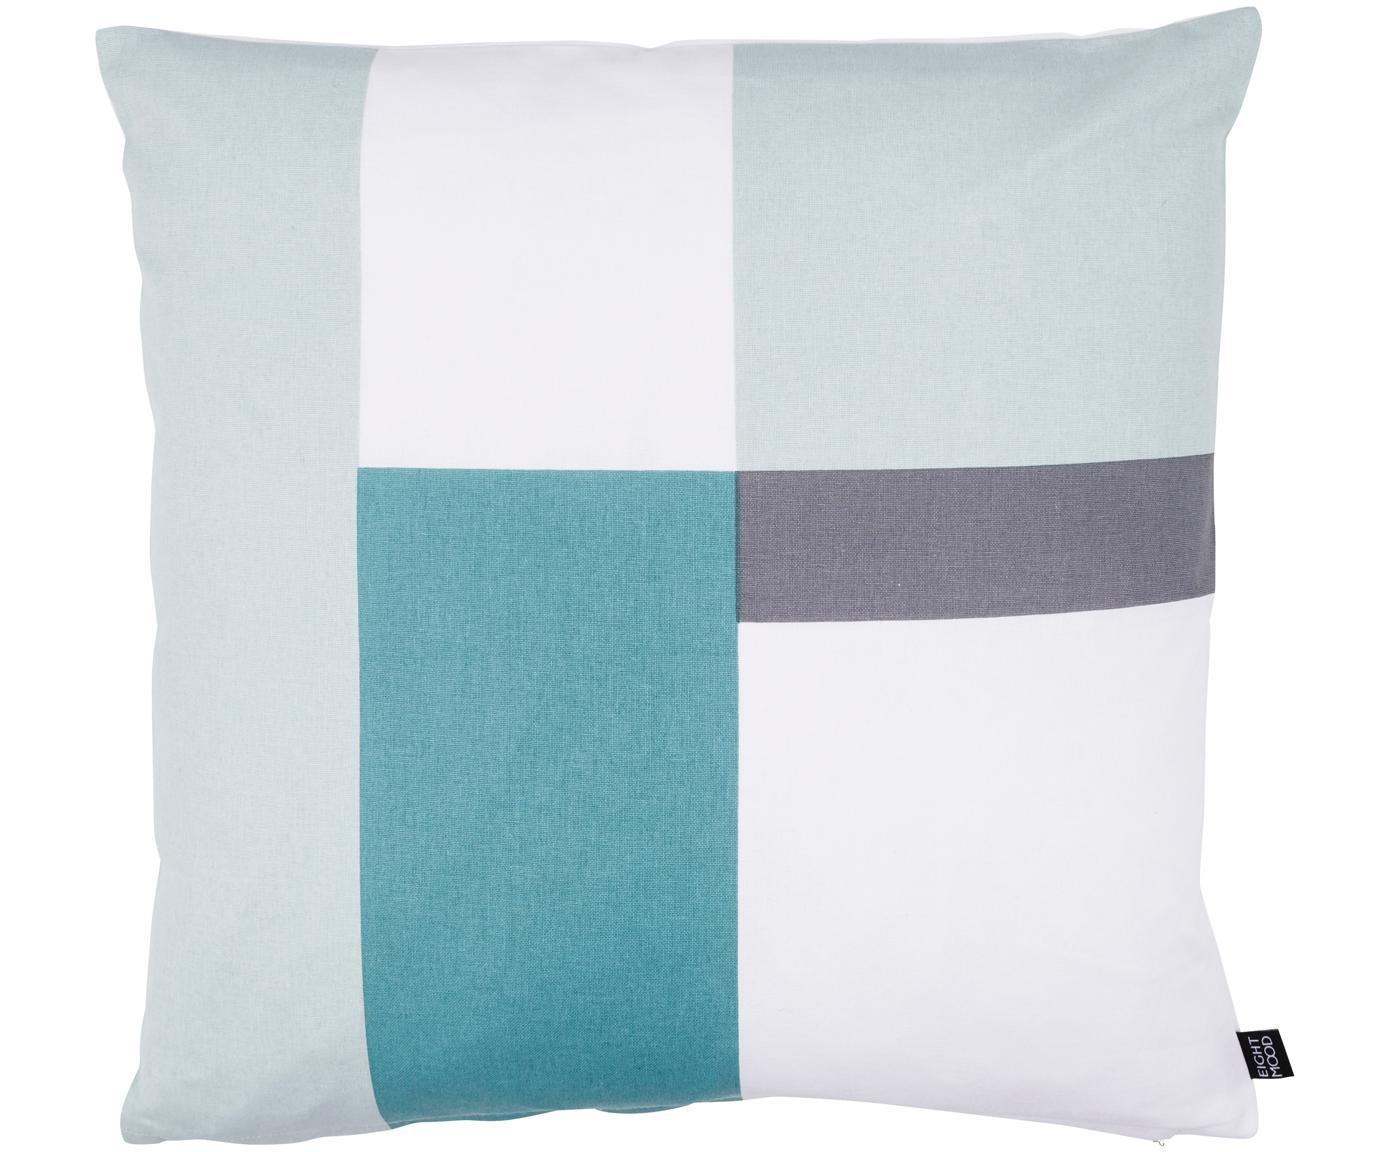 Dwustronna poduszka Cubo, Tapicerka: bawełna, Odcienie miętowego, biały, szary, S 50 x D 50 cm